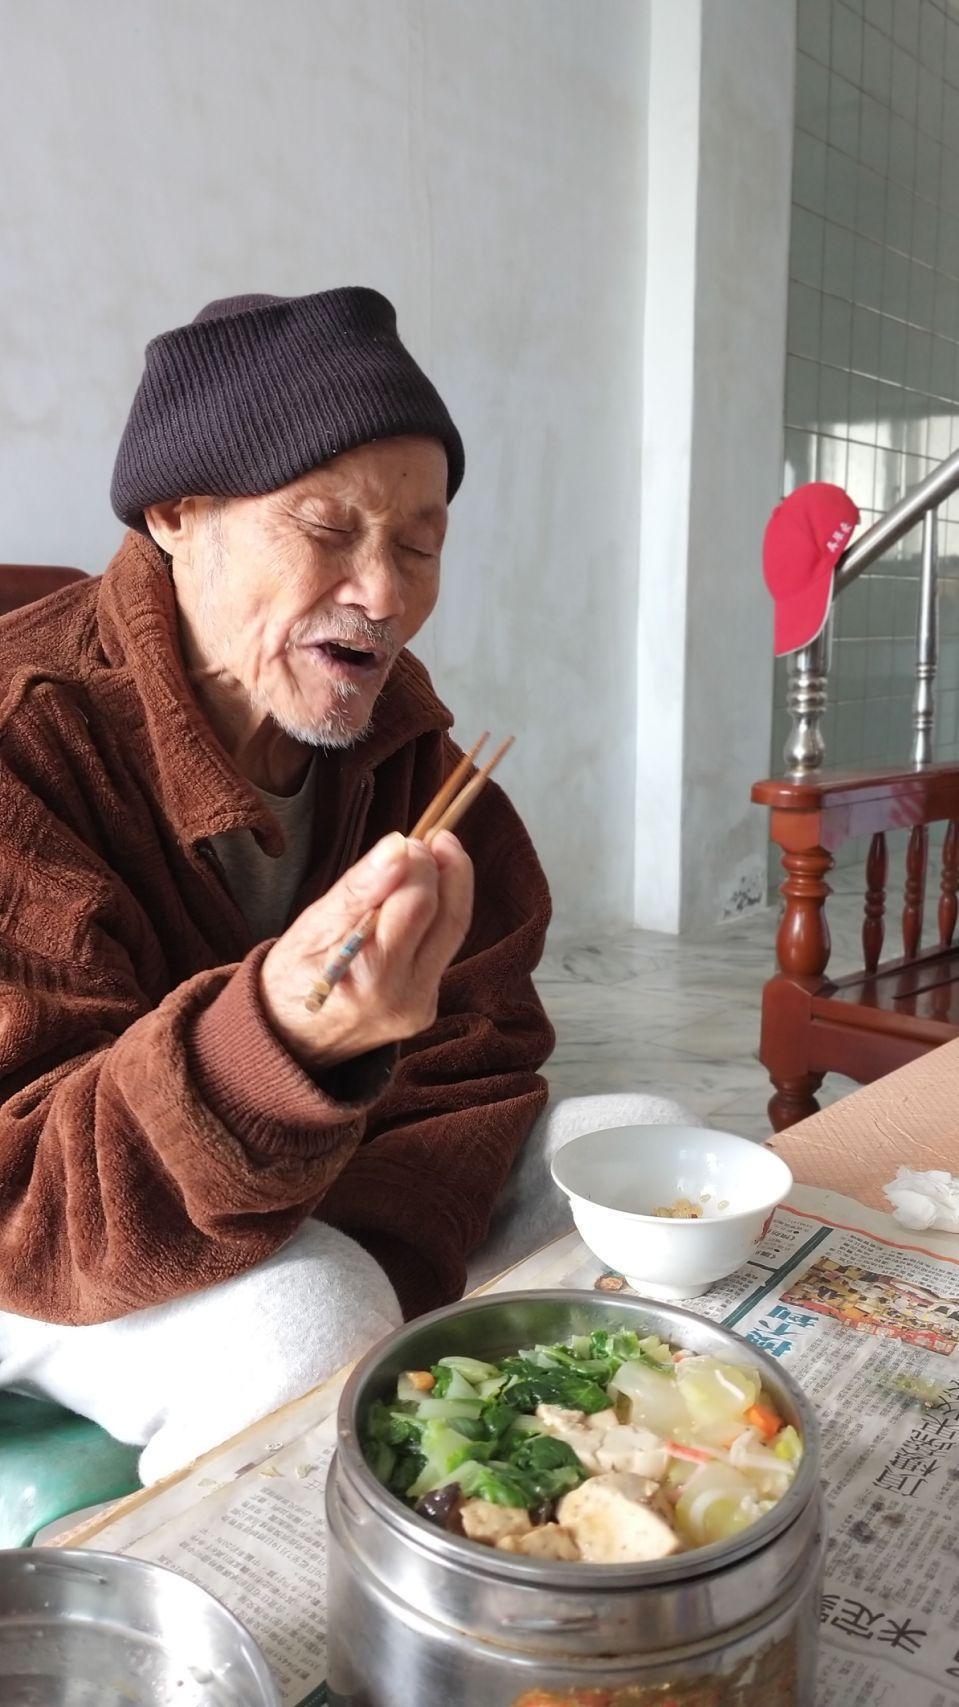 偏鄉送餐服務,送餐員每日提供熱騰騰餐食,陪伴長輩用餐,讓長輩「食在不孤單」。白永...